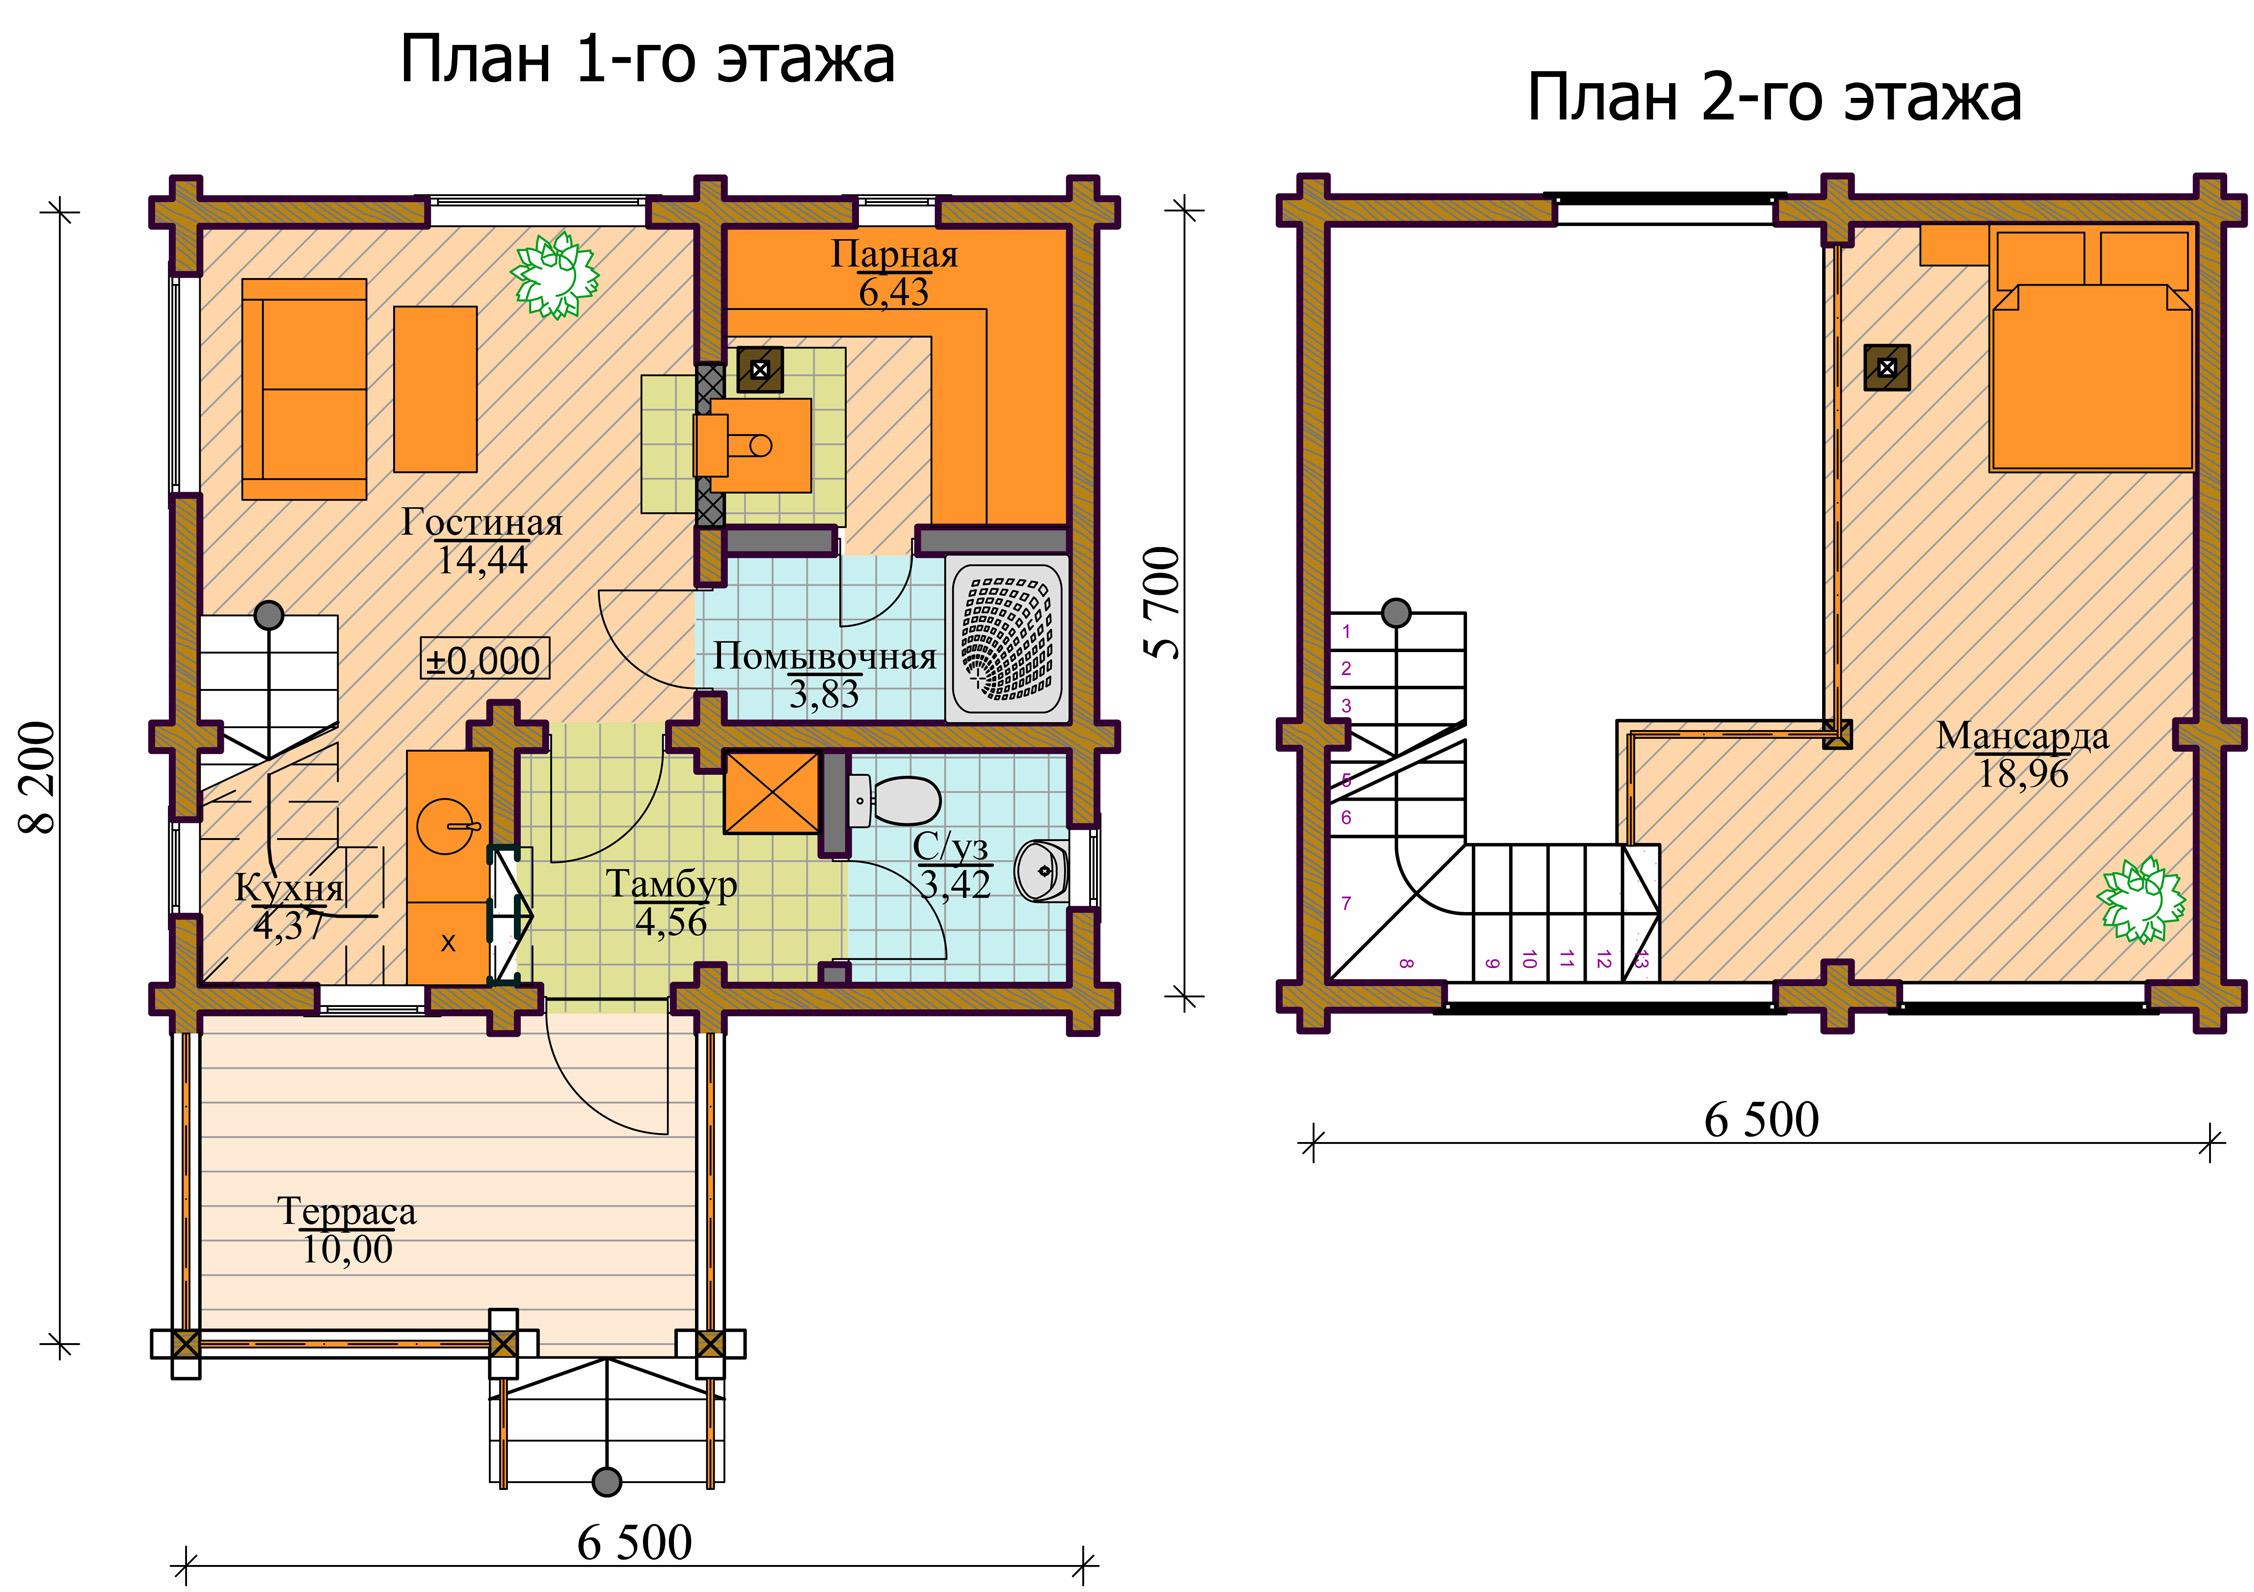 Планировка двухэтажной бани